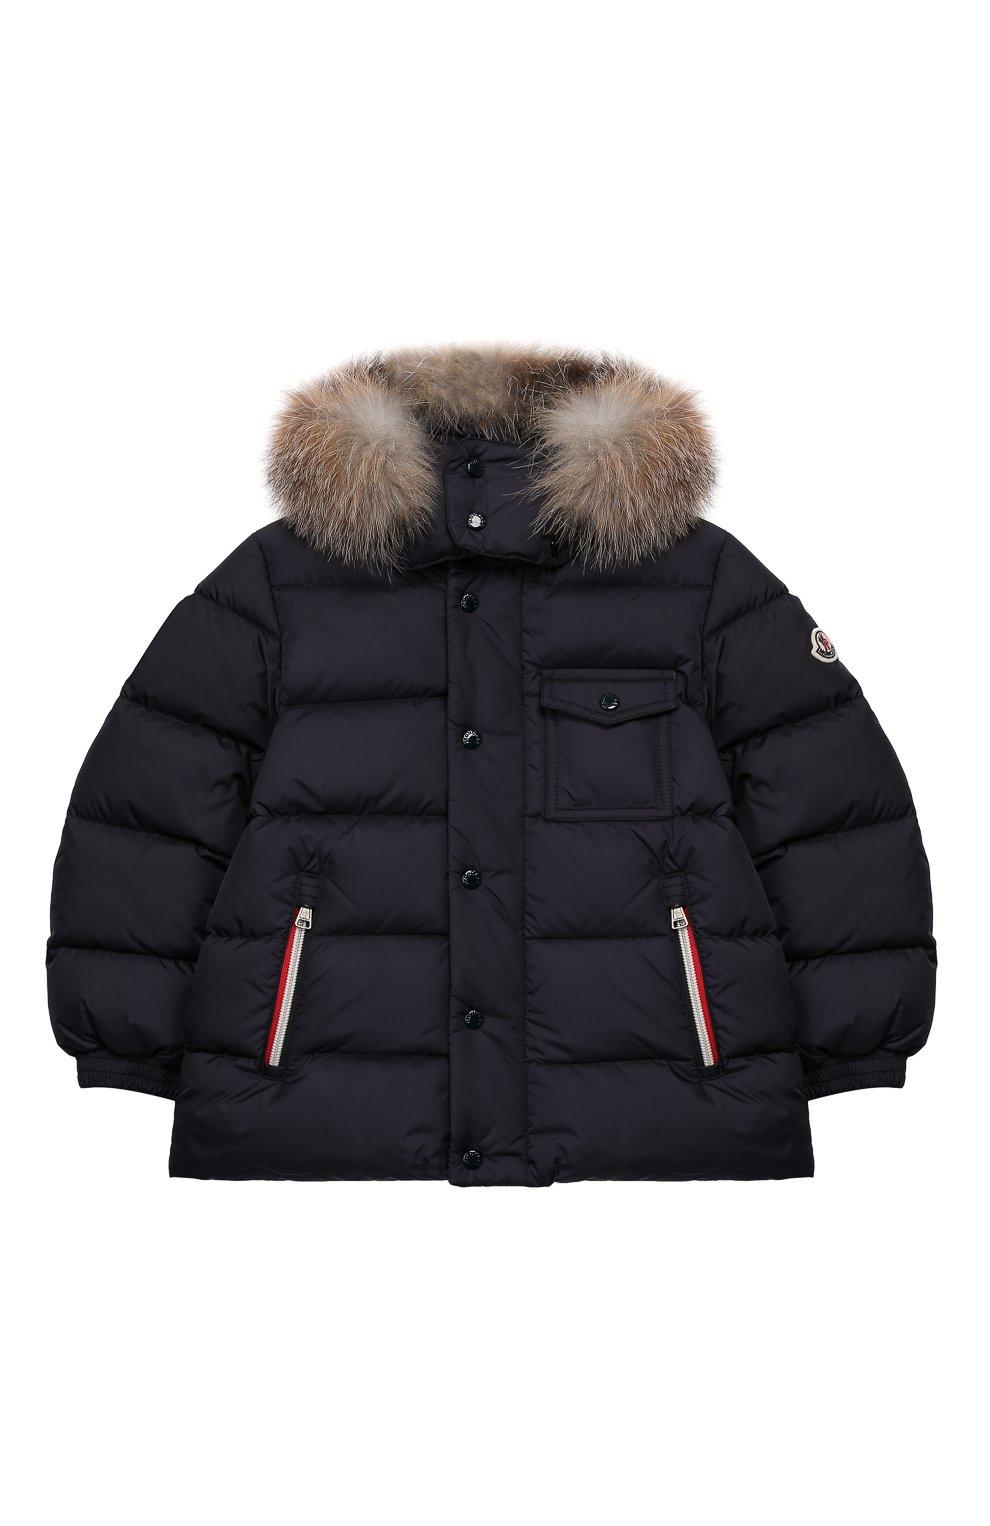 Детский комплект из куртки и комбинезона MONCLER синего цвета, арт. E2-954-70350-25-68352/4-6A | Фото 2